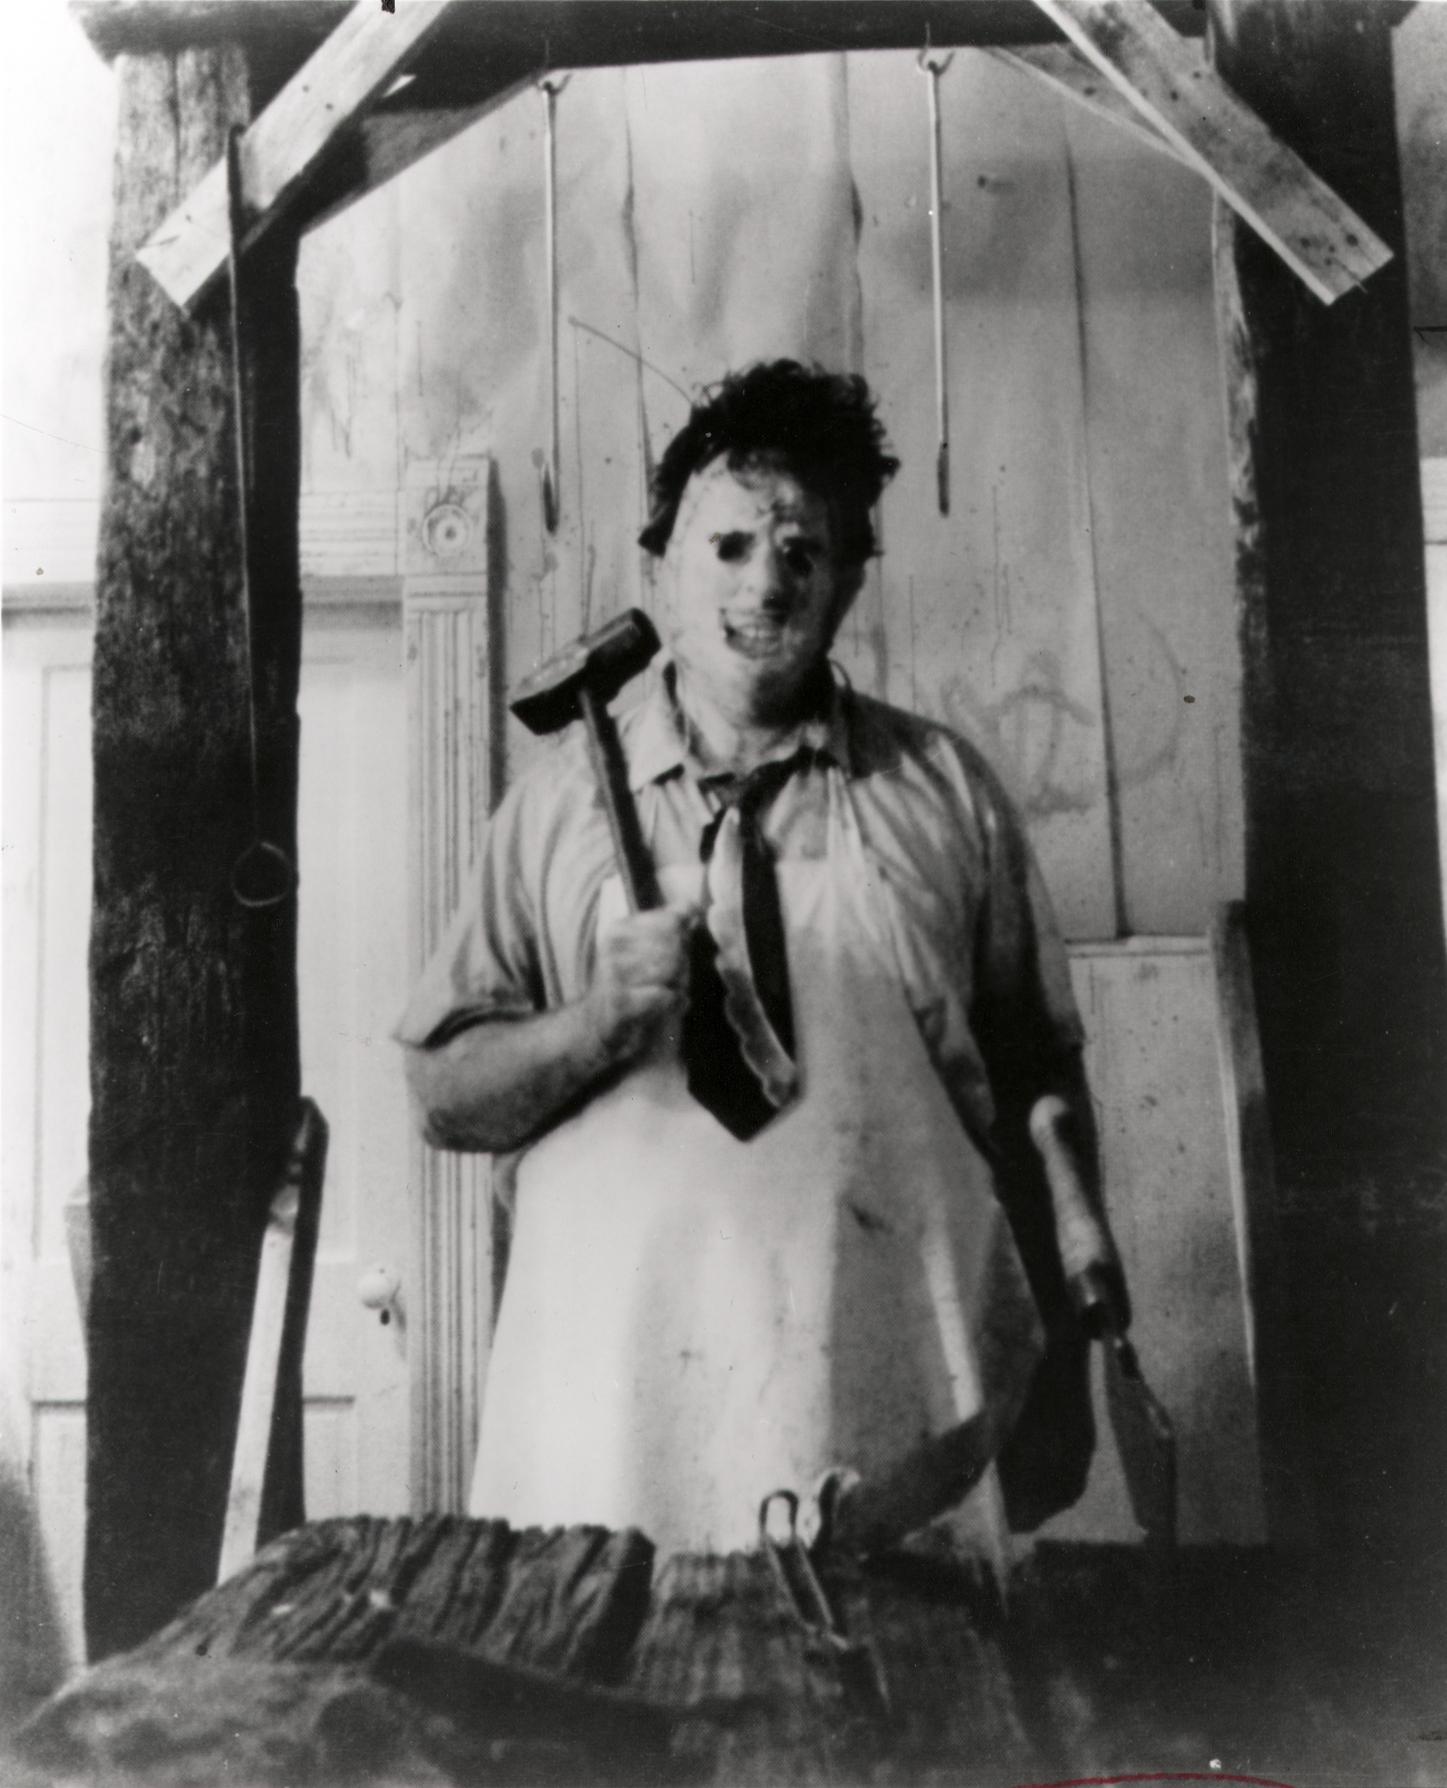 Sophie Bennett,Lynn-Holly Johnson Adult pictures Osas Ighodaro,Francesca Bertini (1892?985)